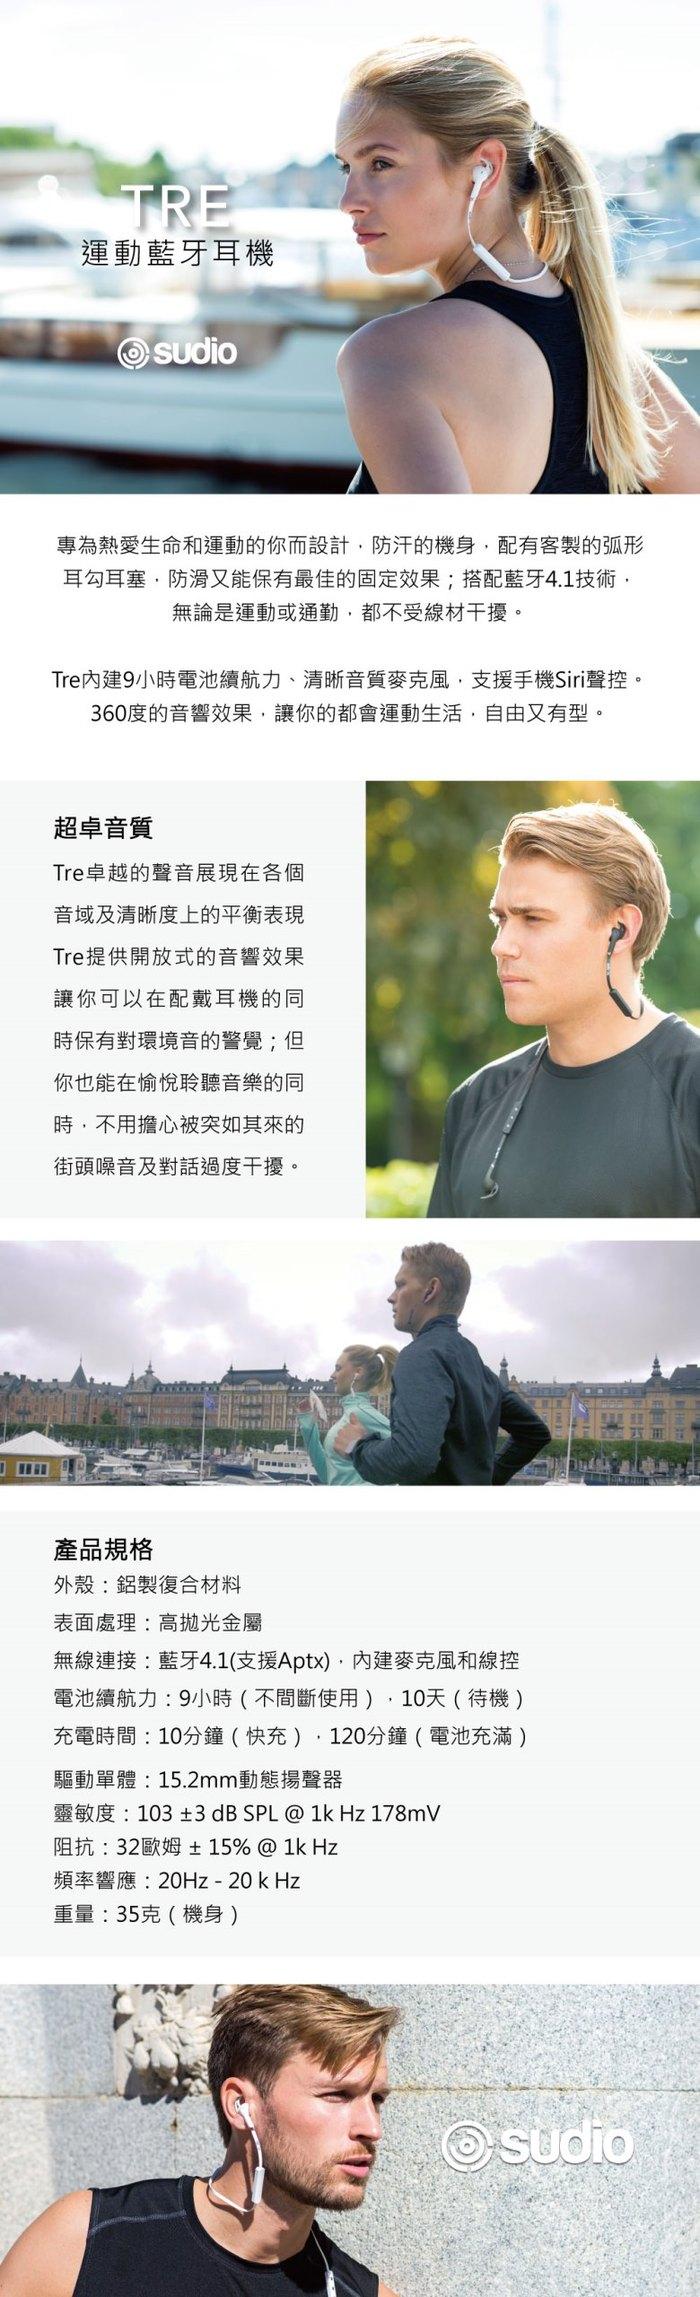 SUDIO|TRE 運動藍牙耳機(白)